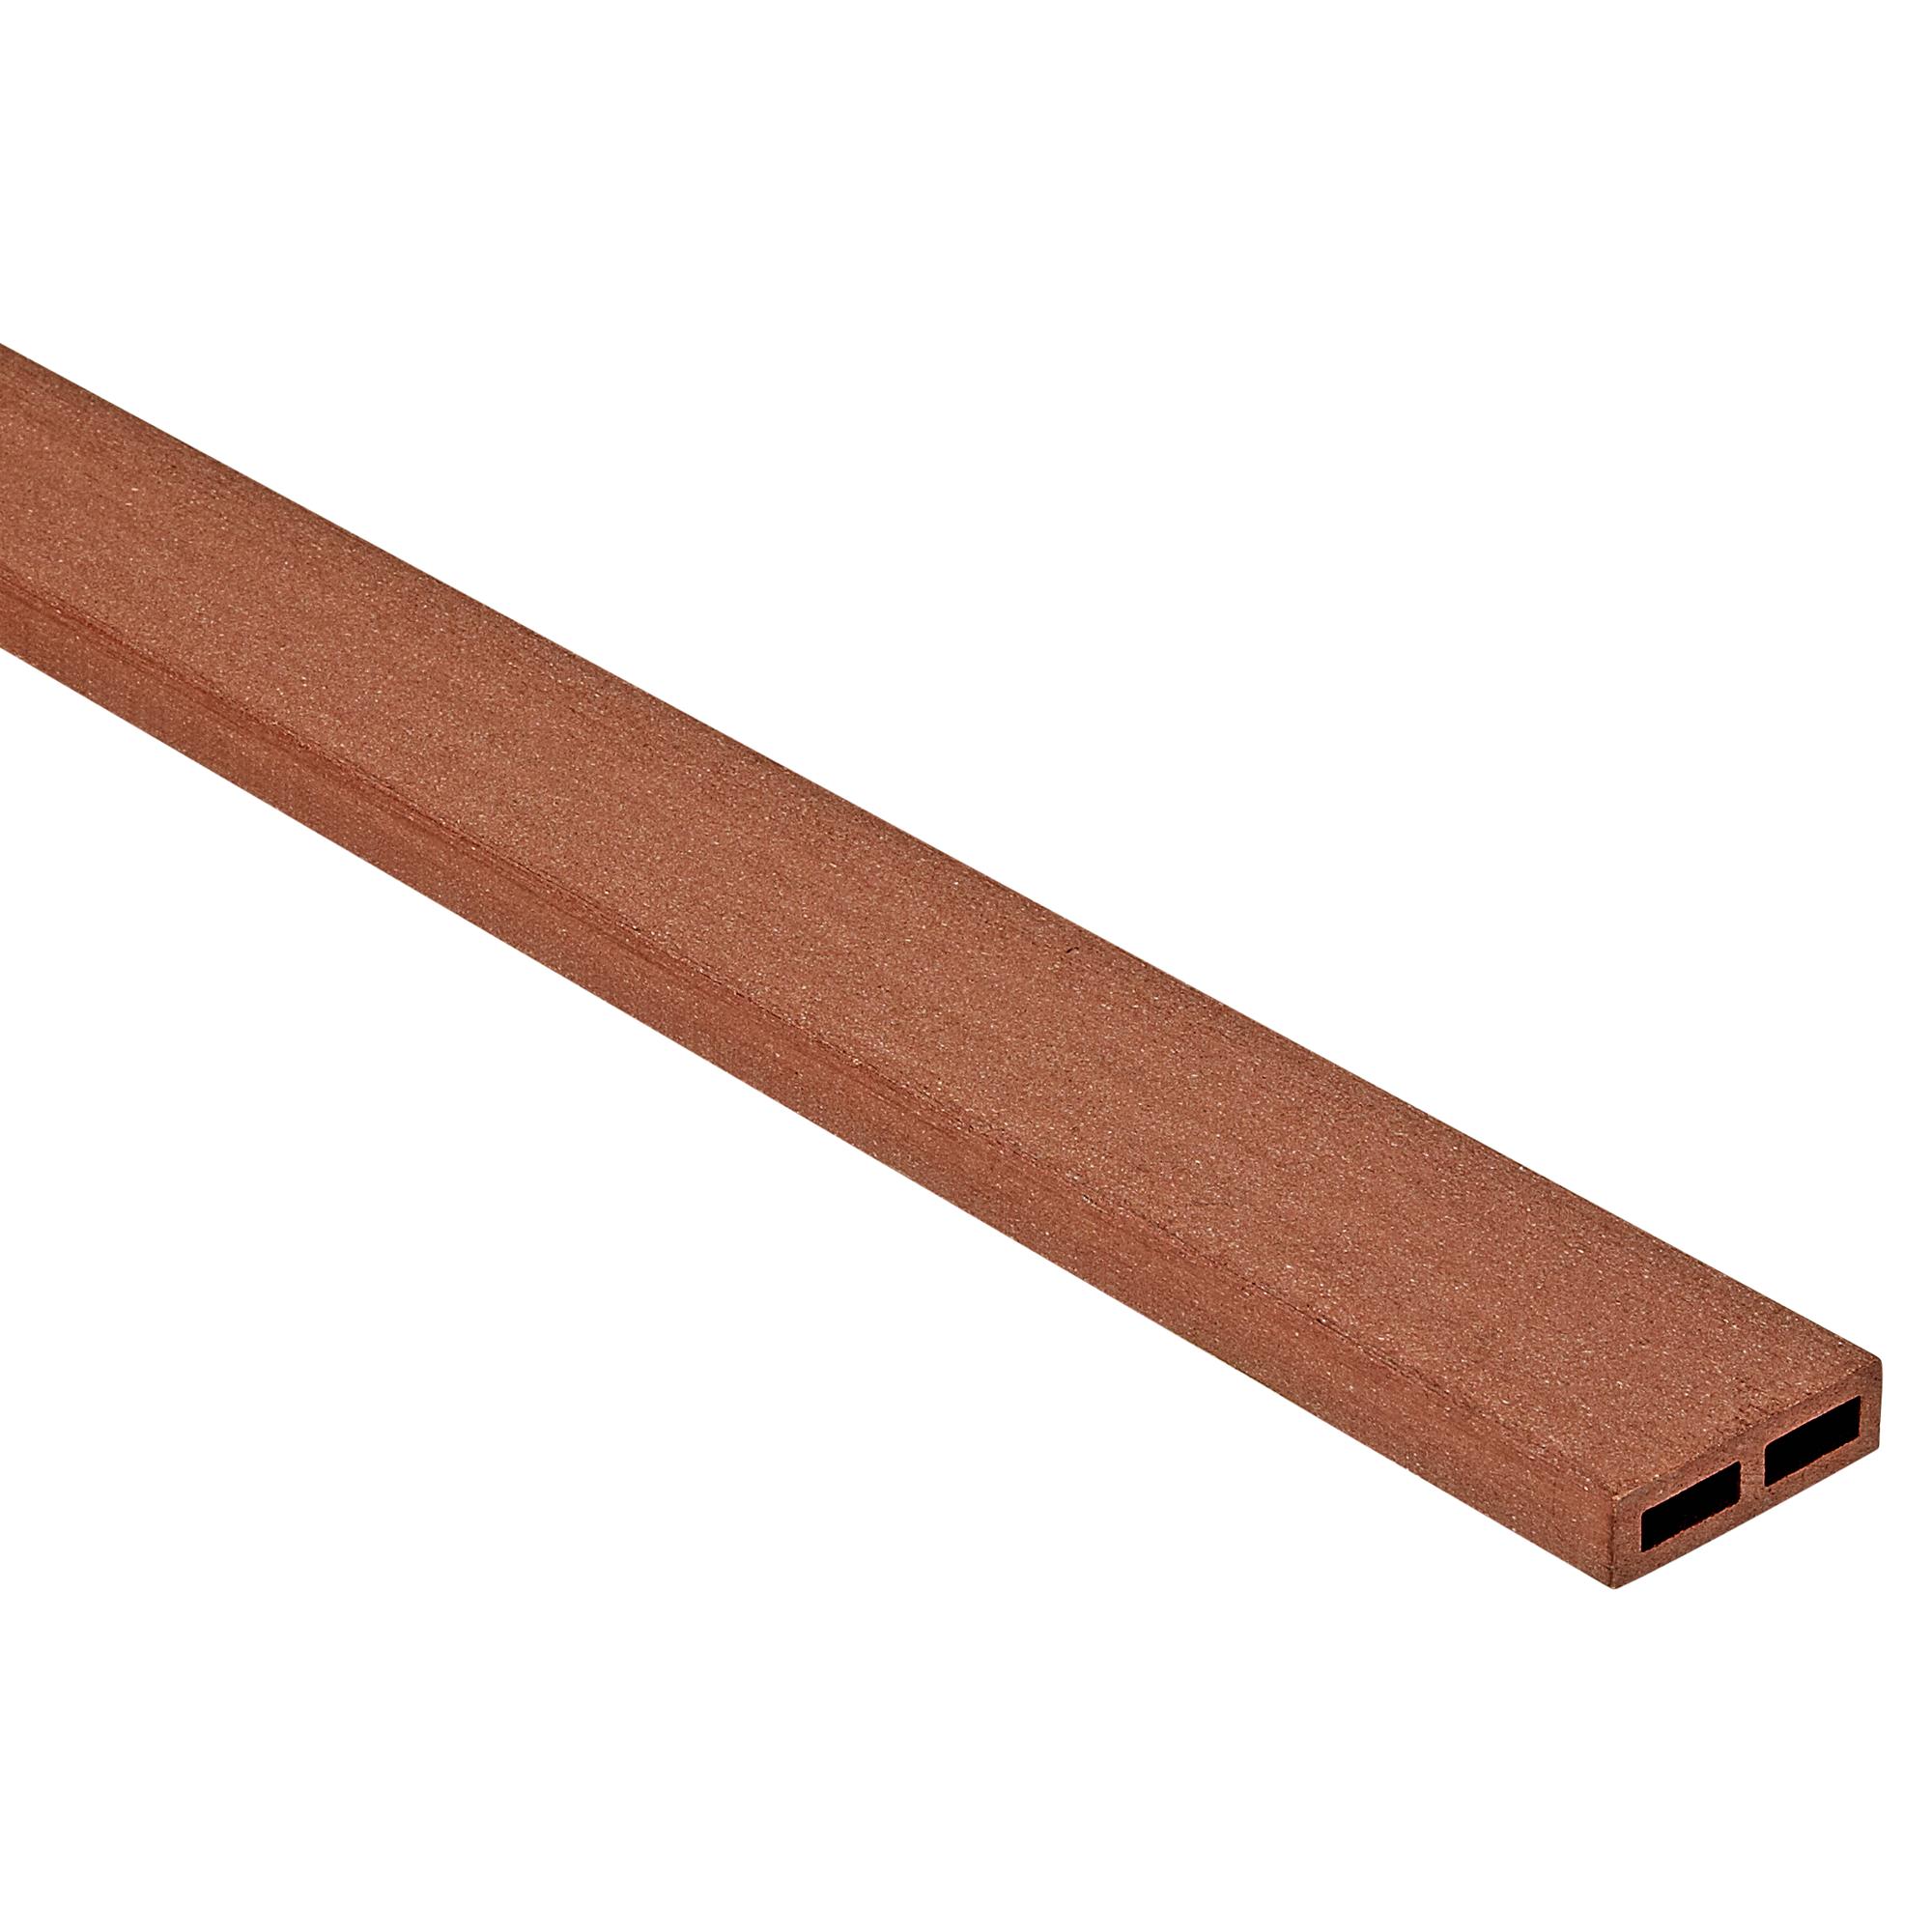 wpc-abschlussleiste rotbraun 300 x 6 x 1,7 cm ǀ toom baumarkt